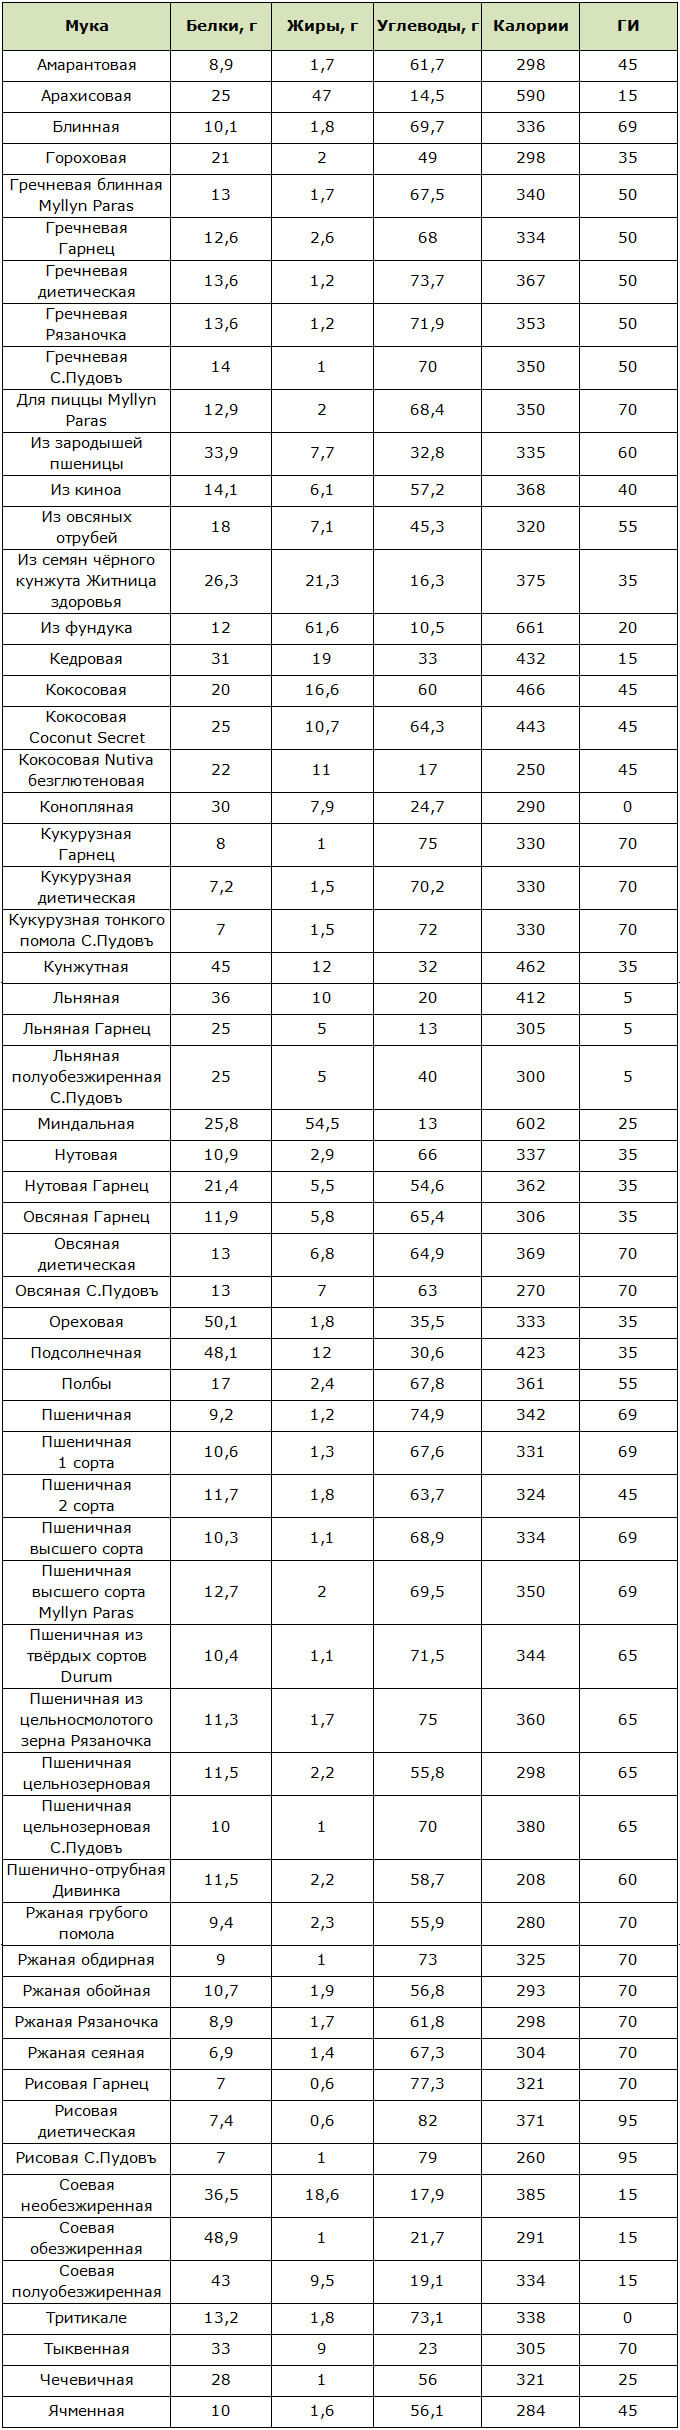 Мука для похудения: обзор сортов с таблицей калорийности, БЖУ и ГИ